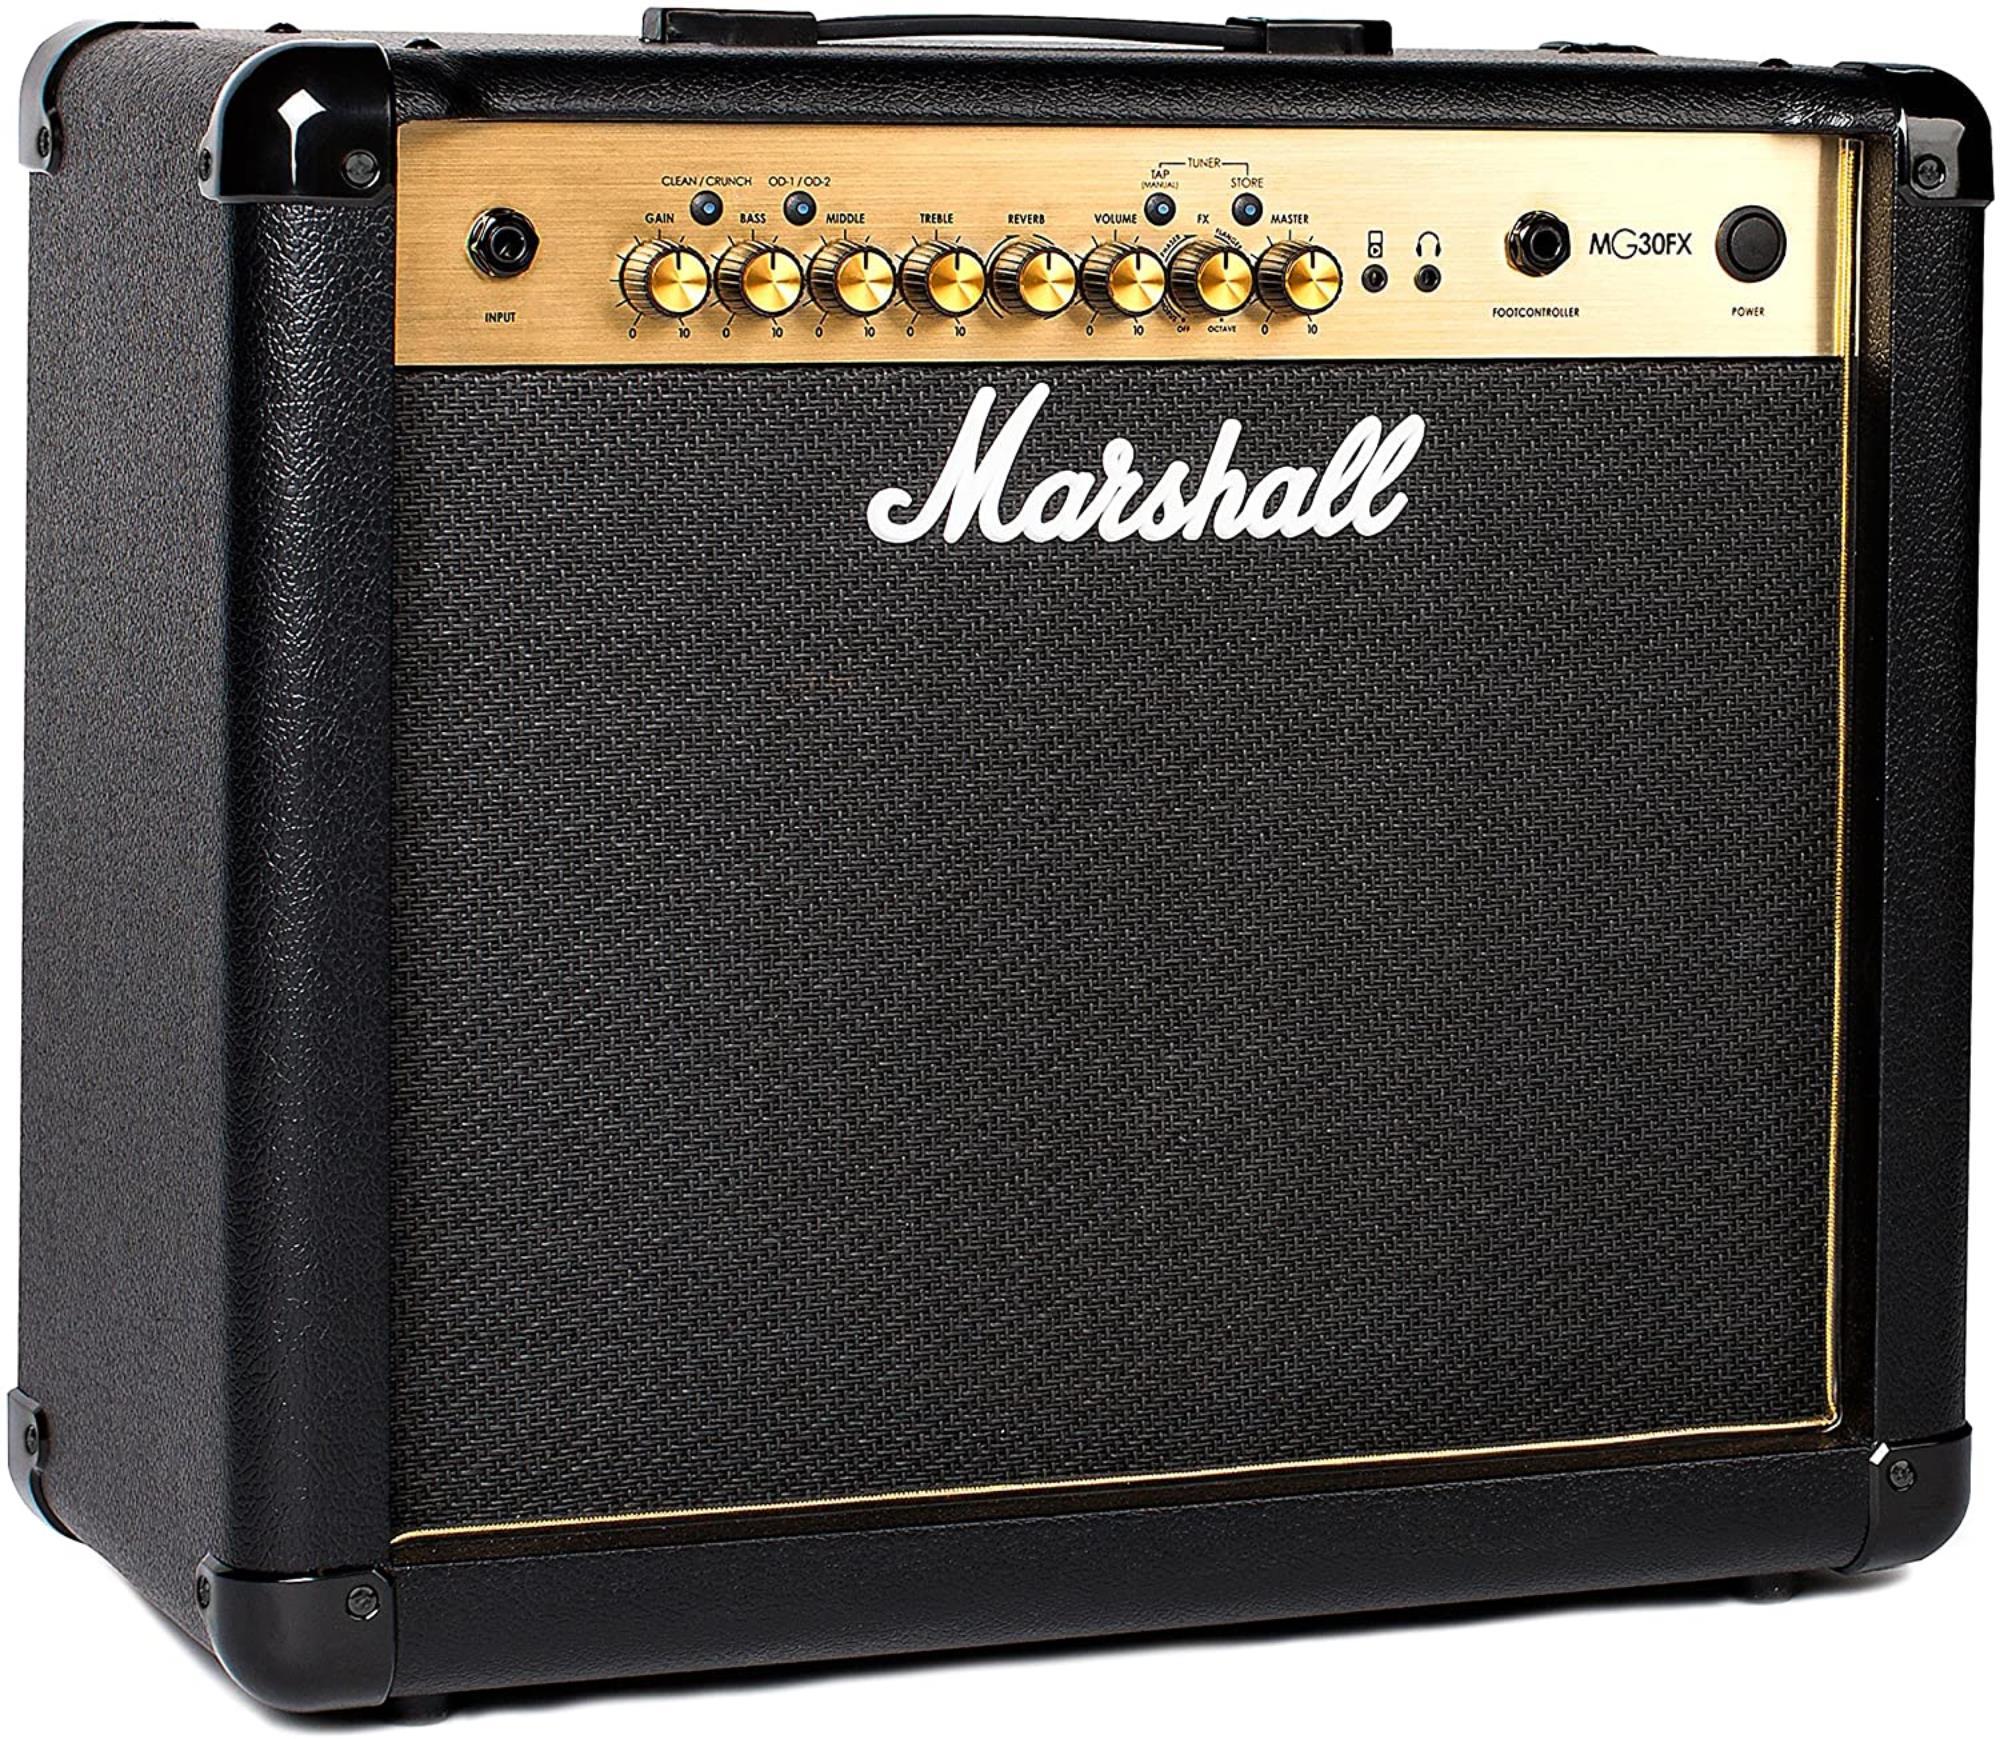 MARSHALL-MG30GFX-GOLD-sku-24683